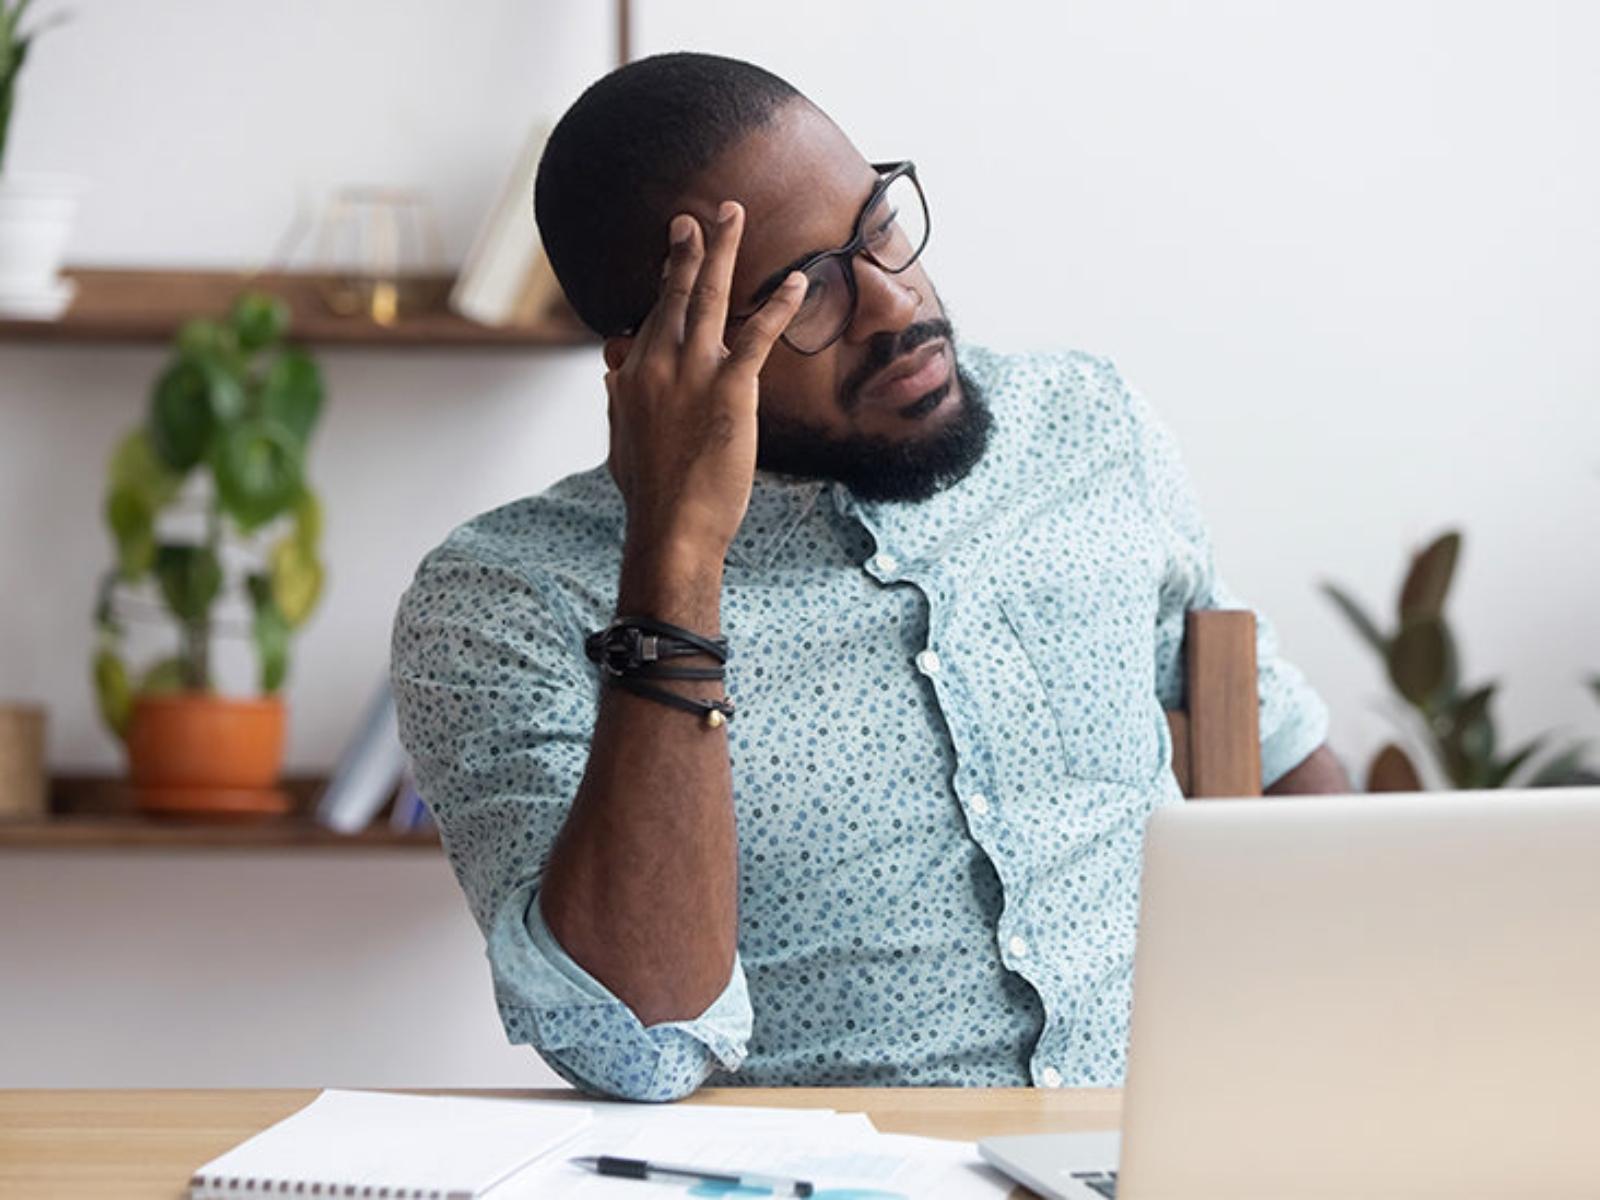 Laziness Lie: Βασικές αρχές και πώς επηρεάζουν τη ζωή μας